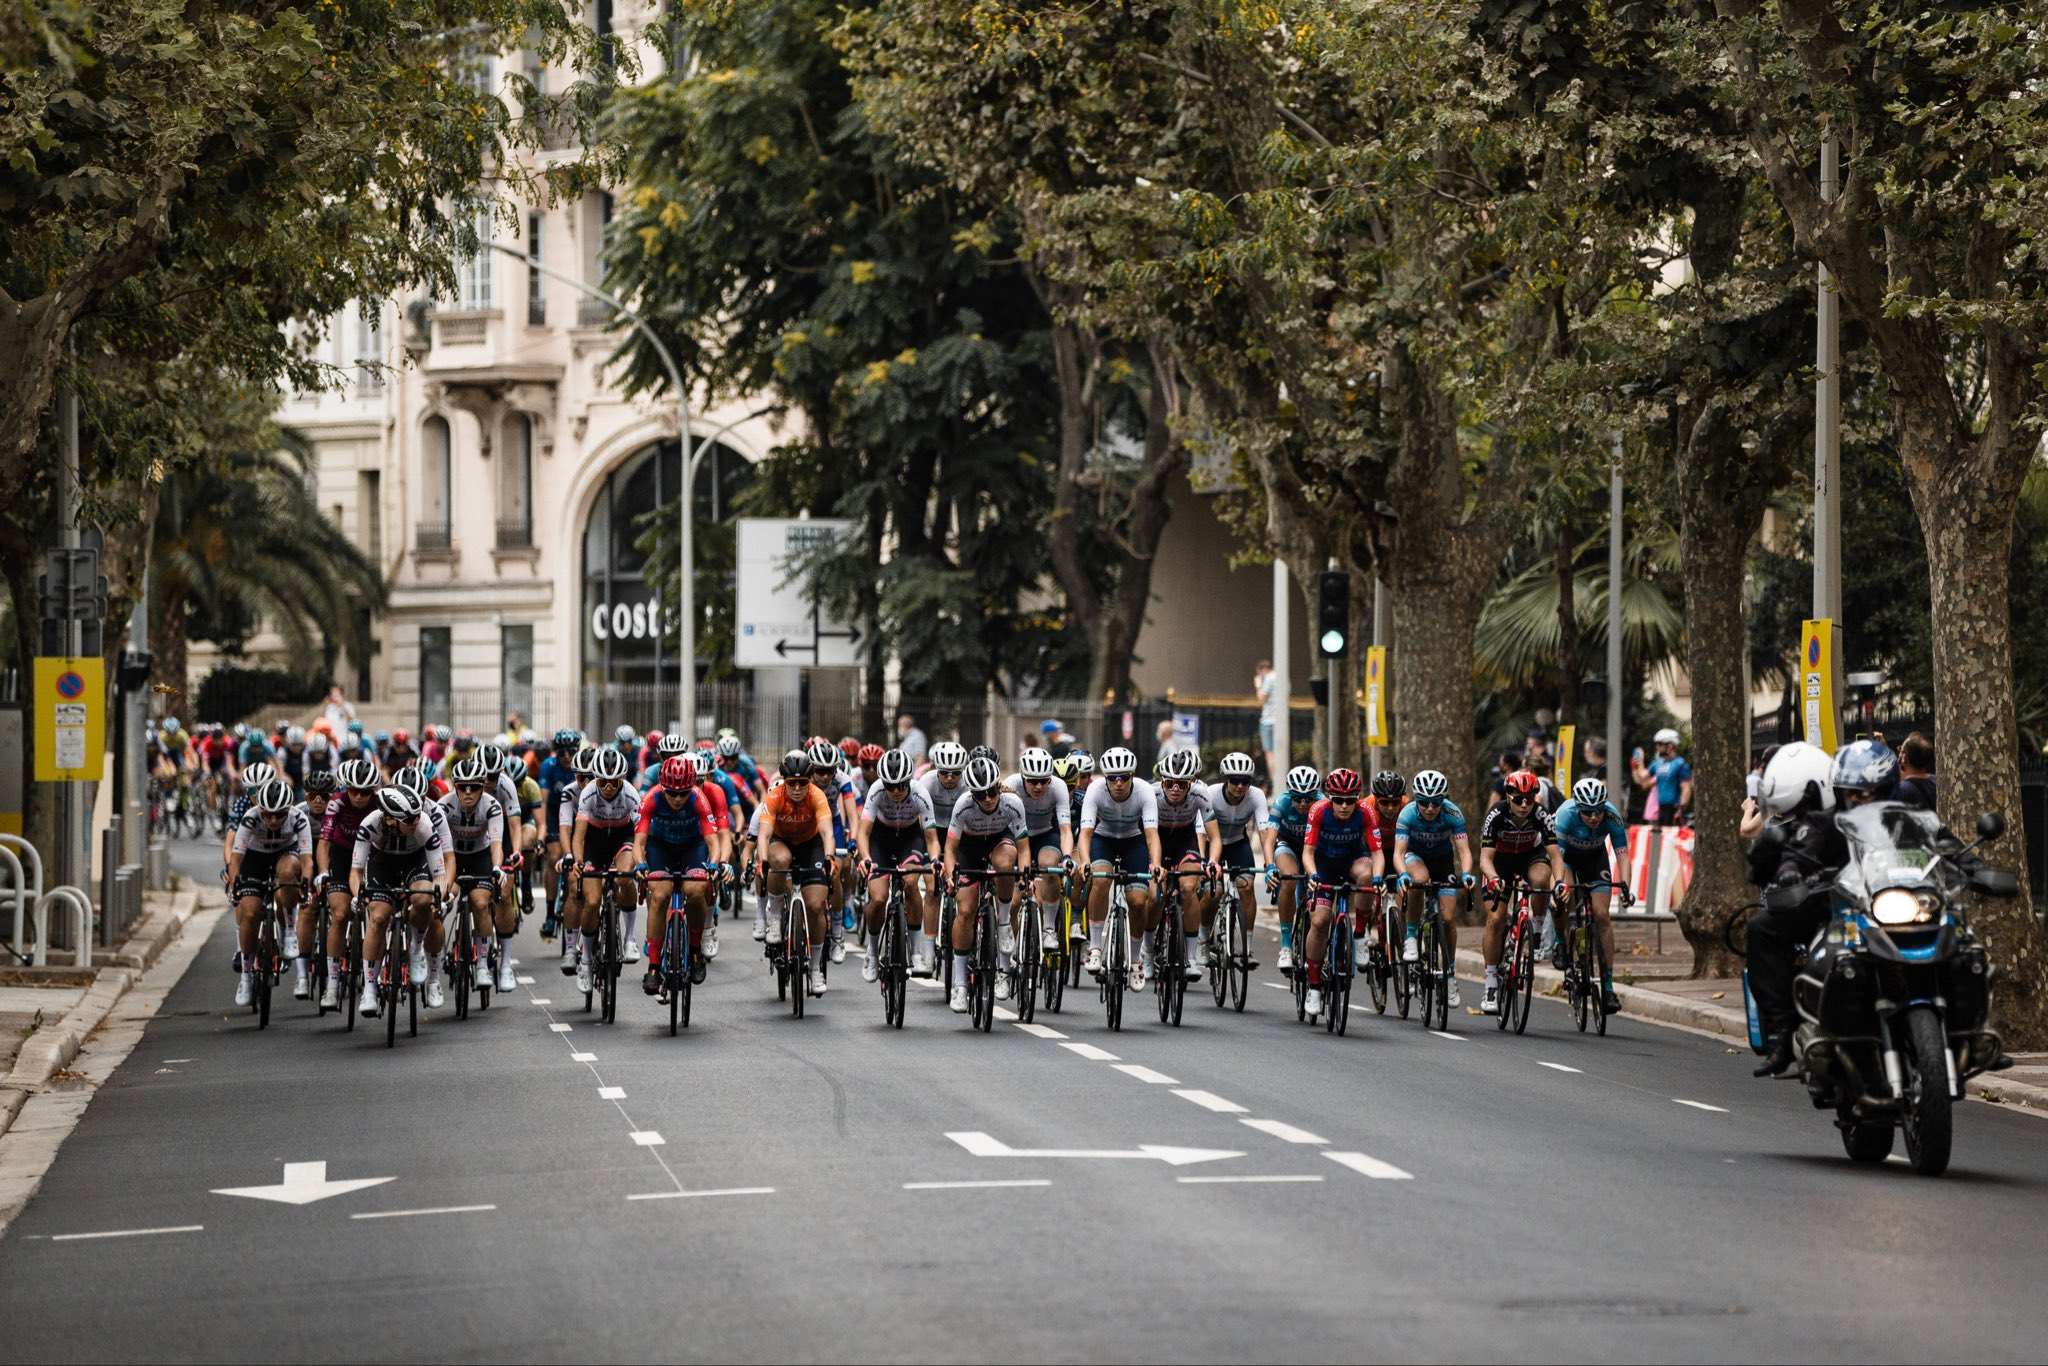 La Course po trasi prve etape dirke po Franciji, tudi z novo slovensko državno prvakinjo